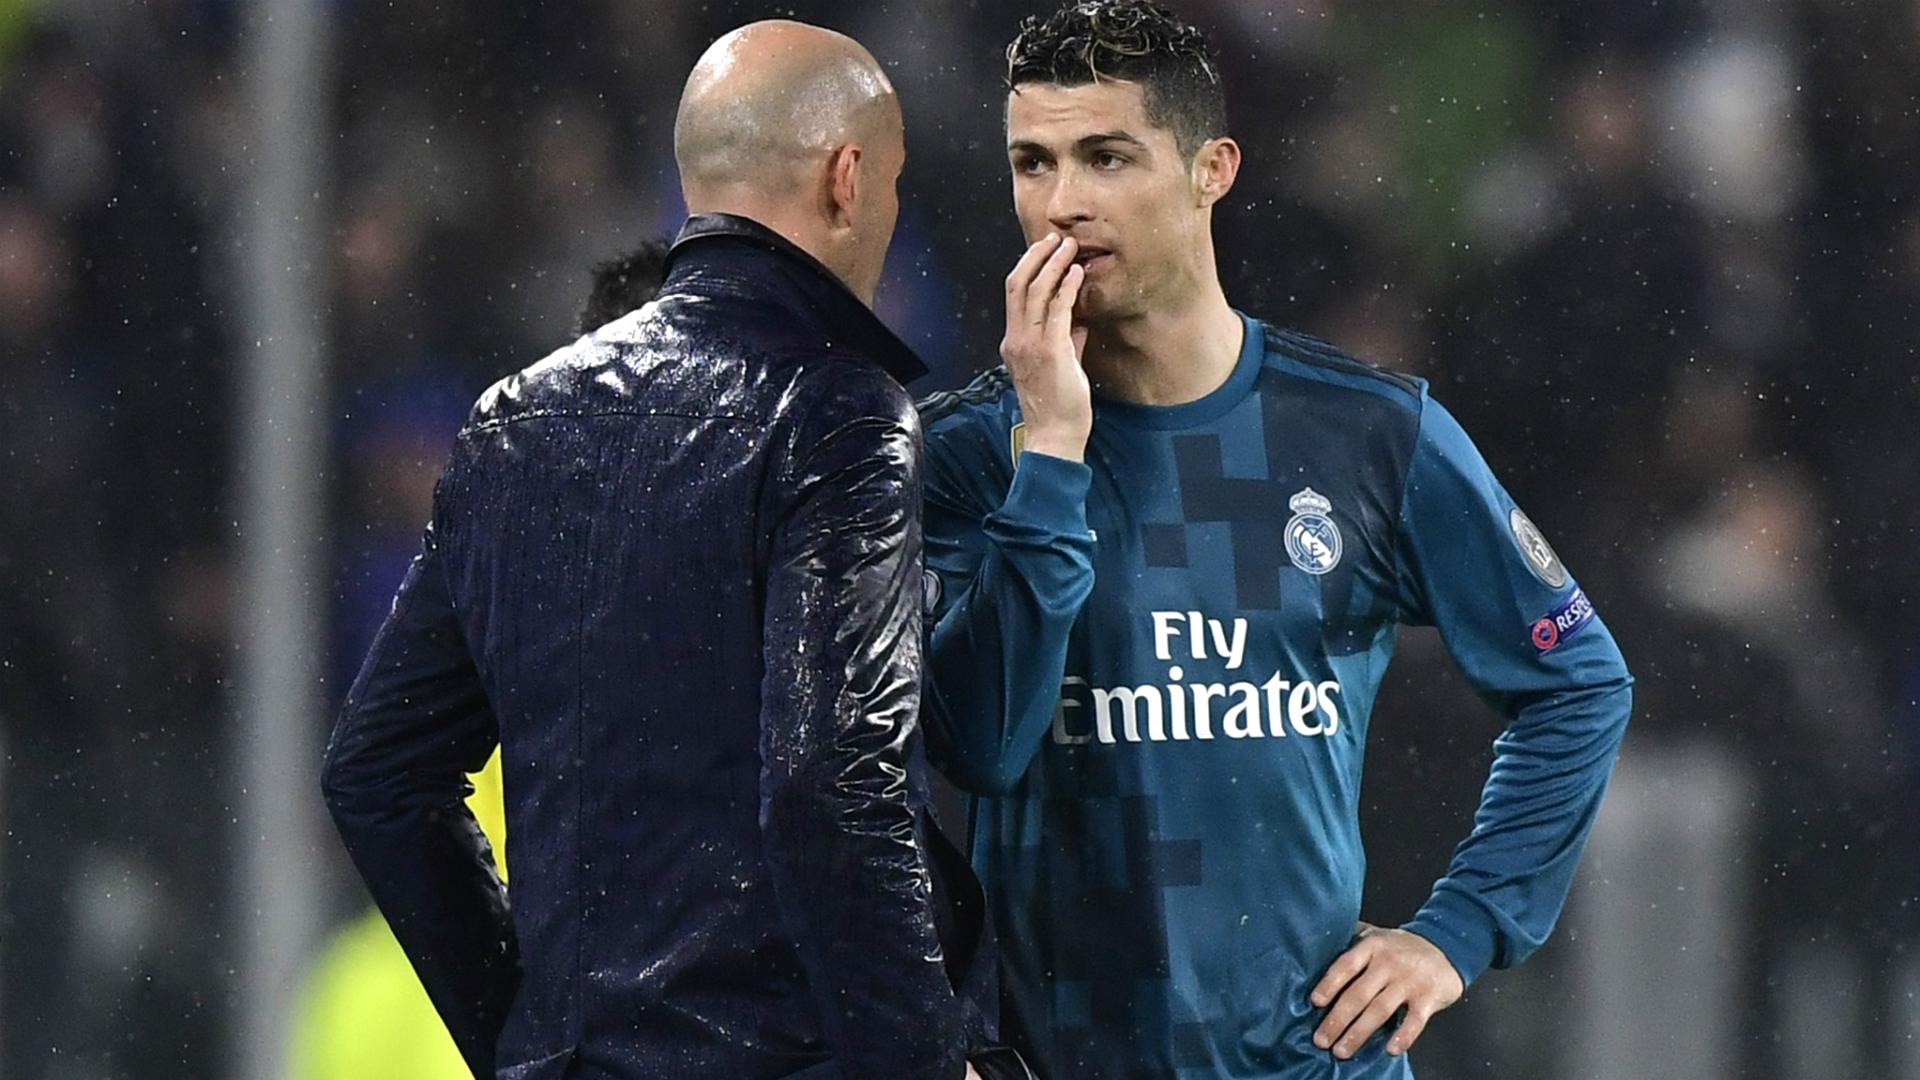 ¿Casualidad? Cristiano Ronaldo estuvo ensayando la chilena